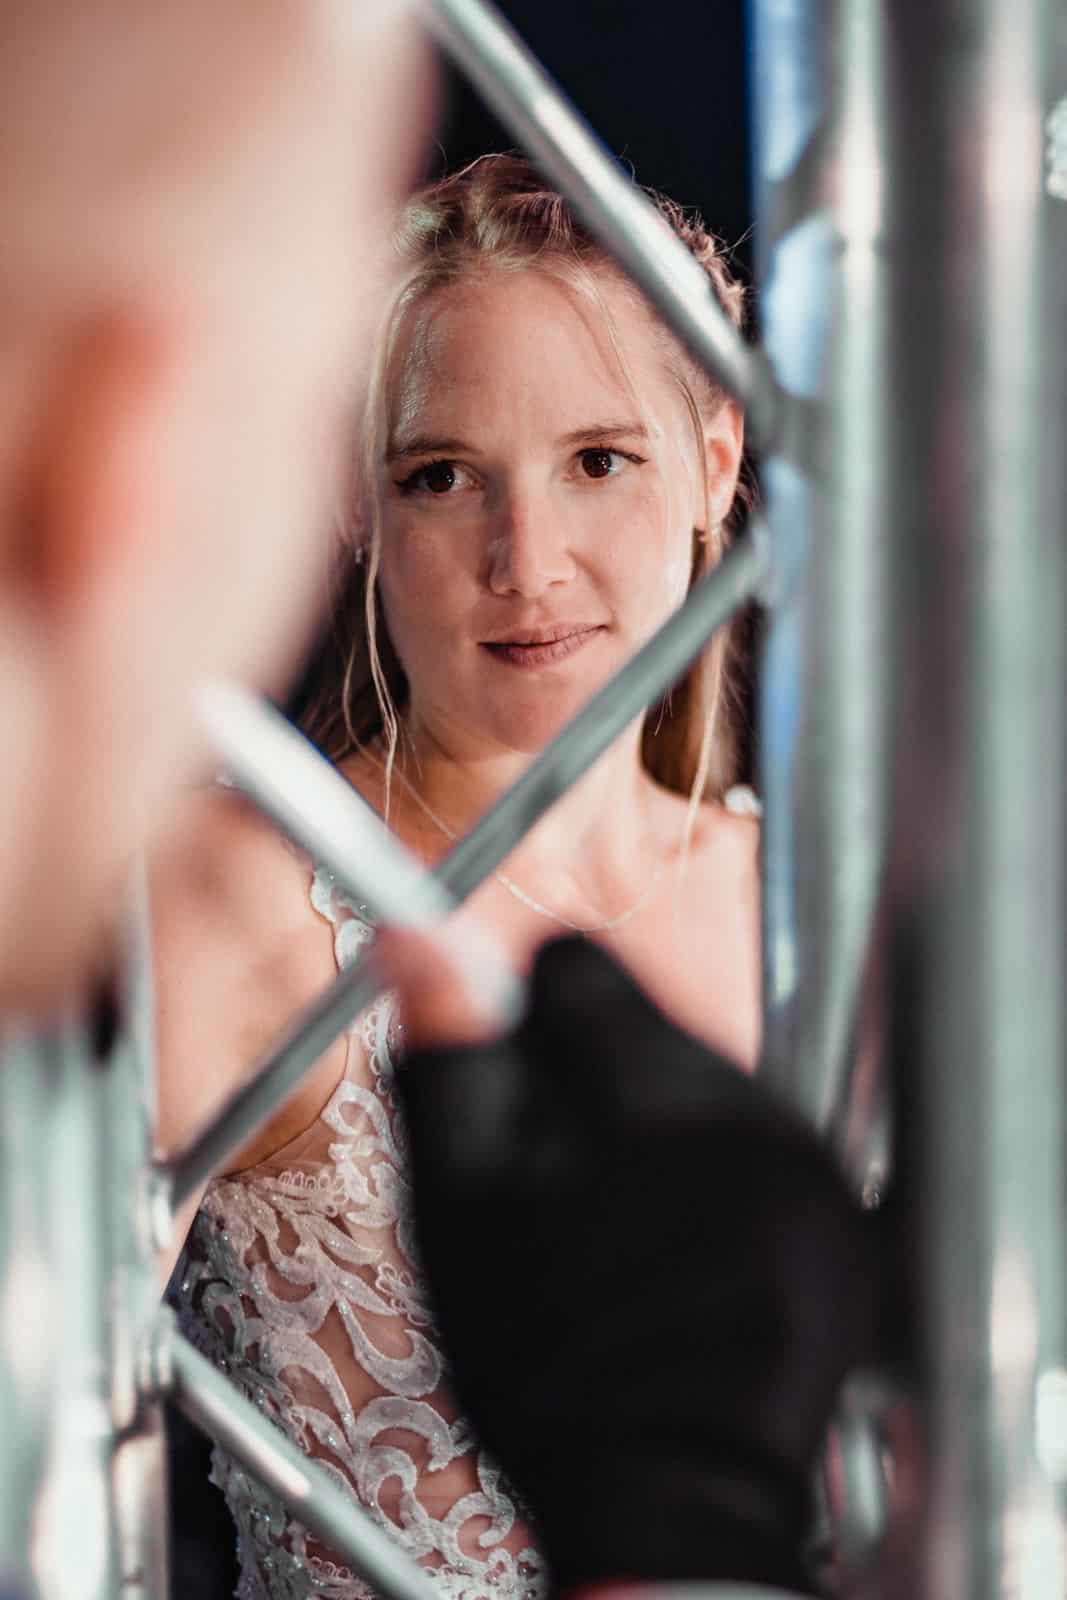 Frau schaut durch eine Traverse auf einer Bühne zu ihrem Mann